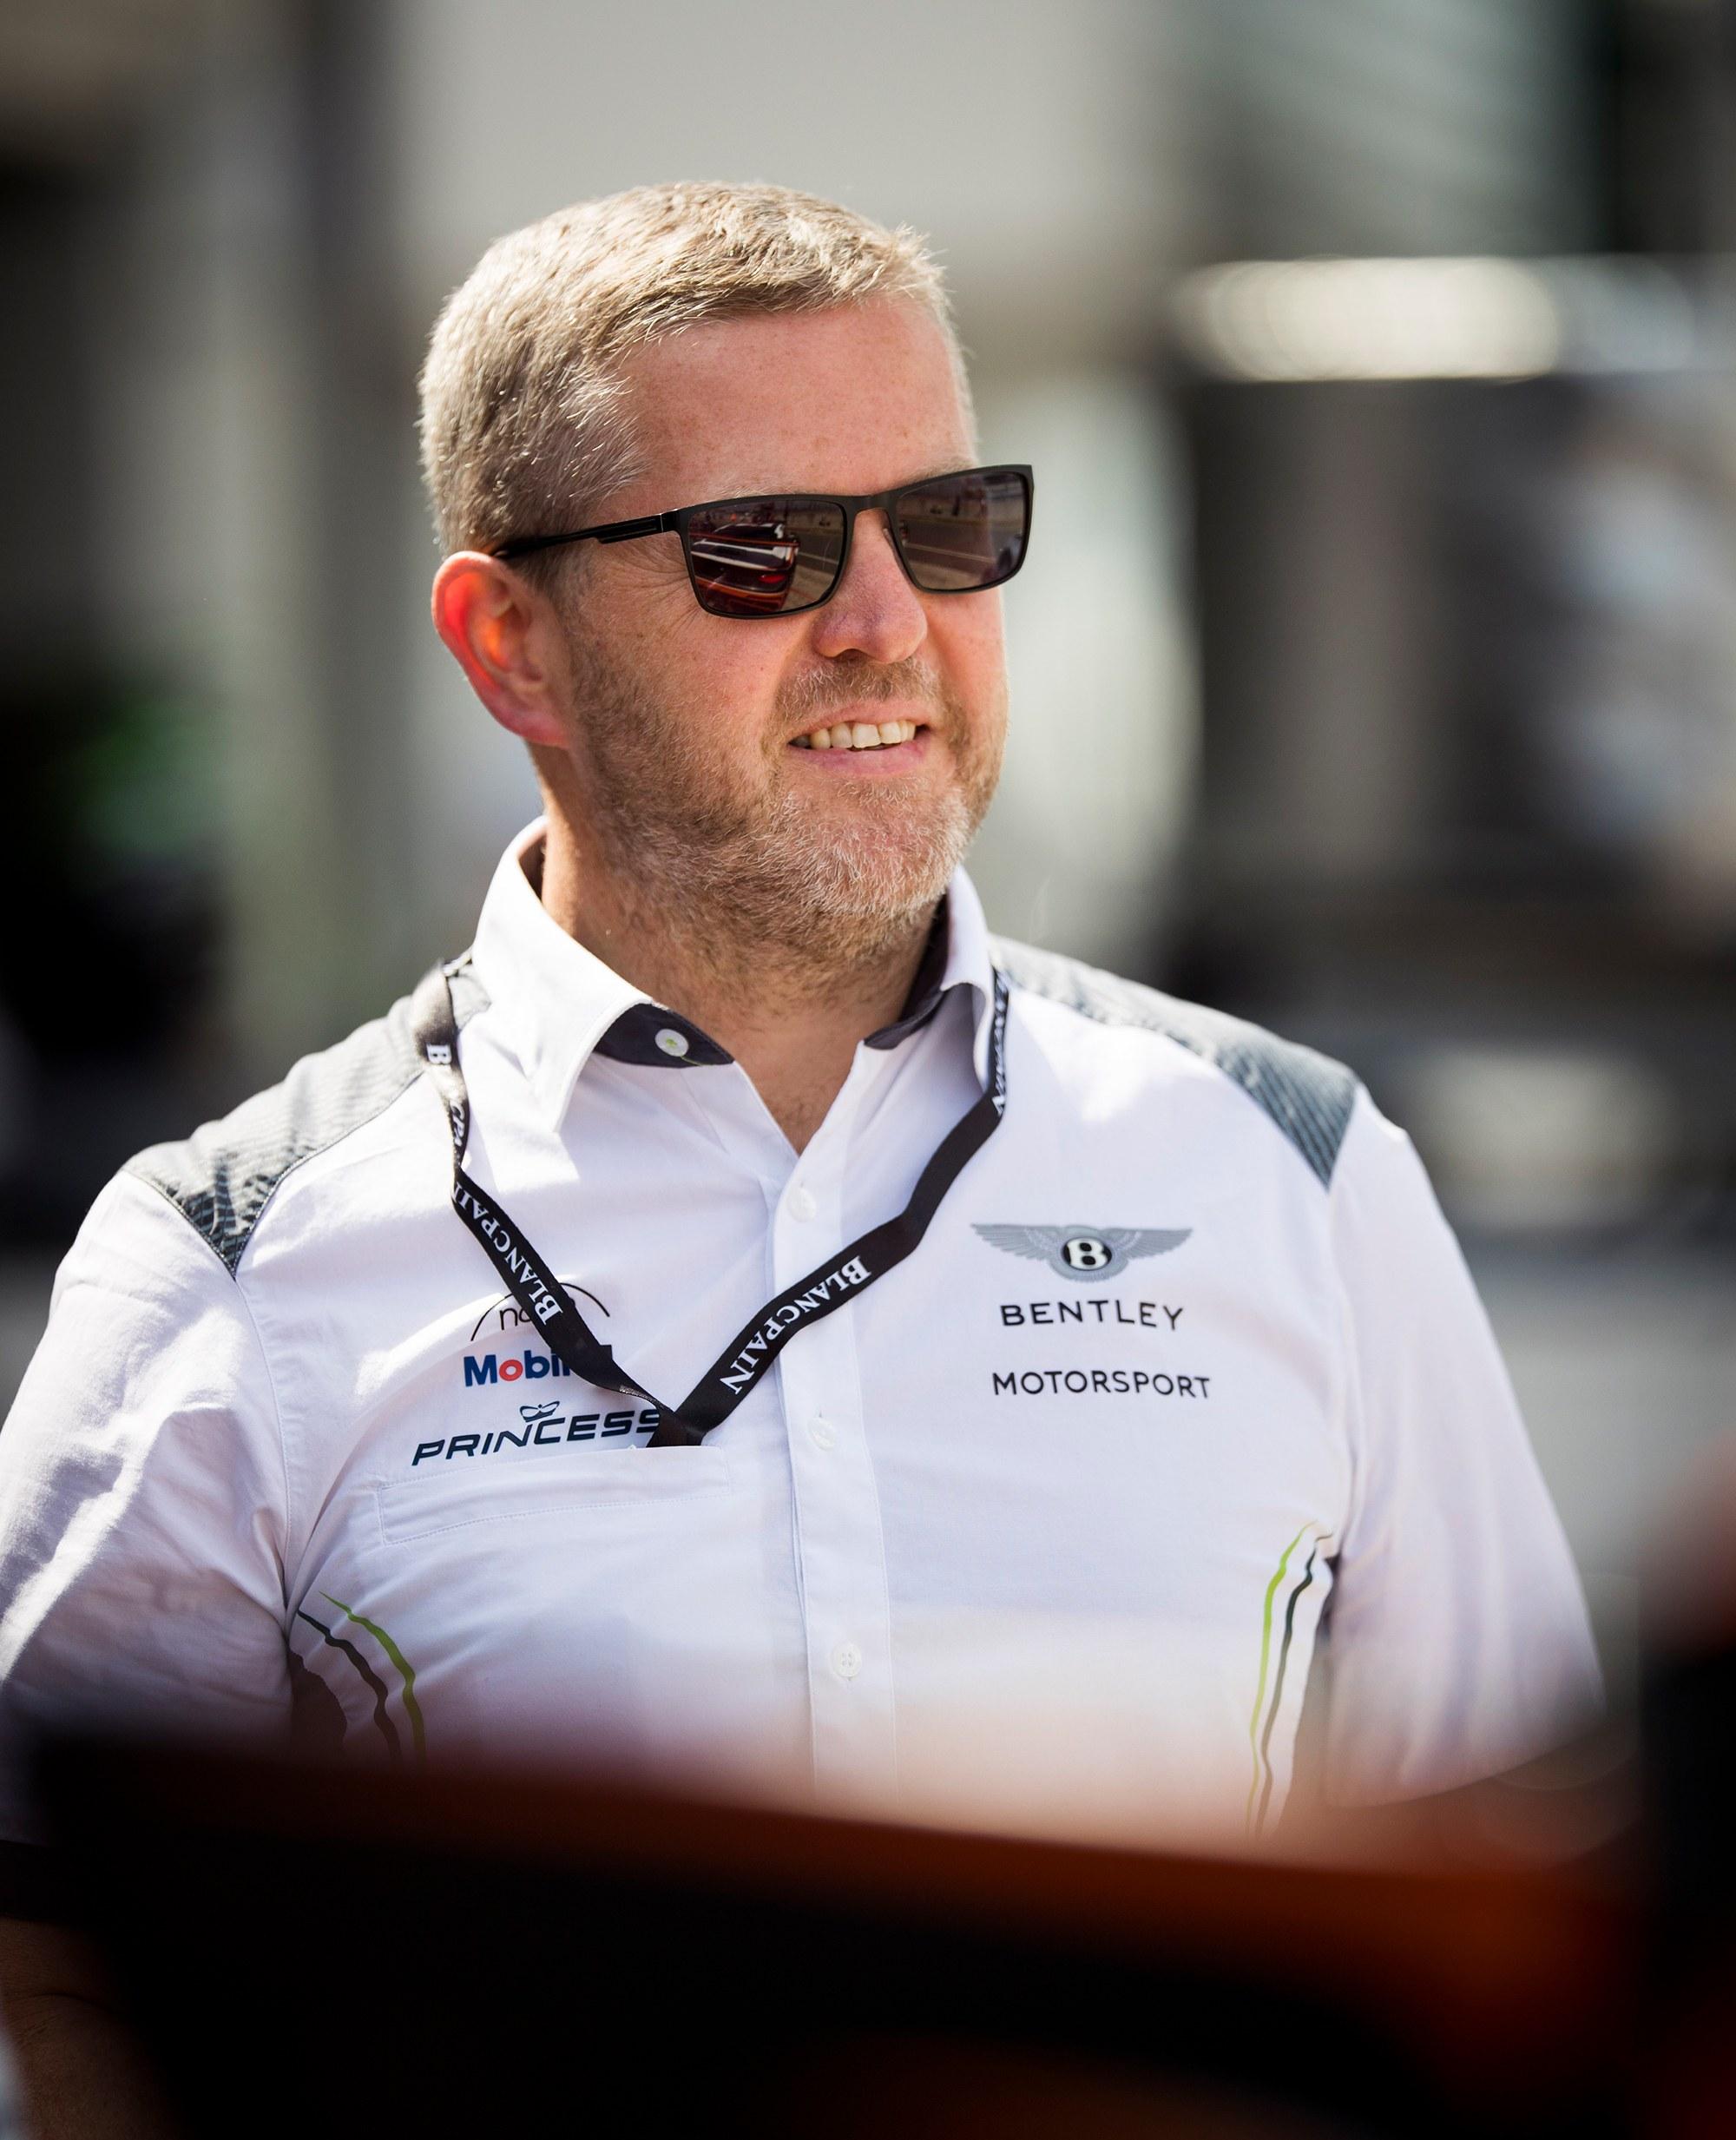 101年目に向けて──モータースポーツ部門新ディレクターに就任したポール・ウィリアムズが見据える先